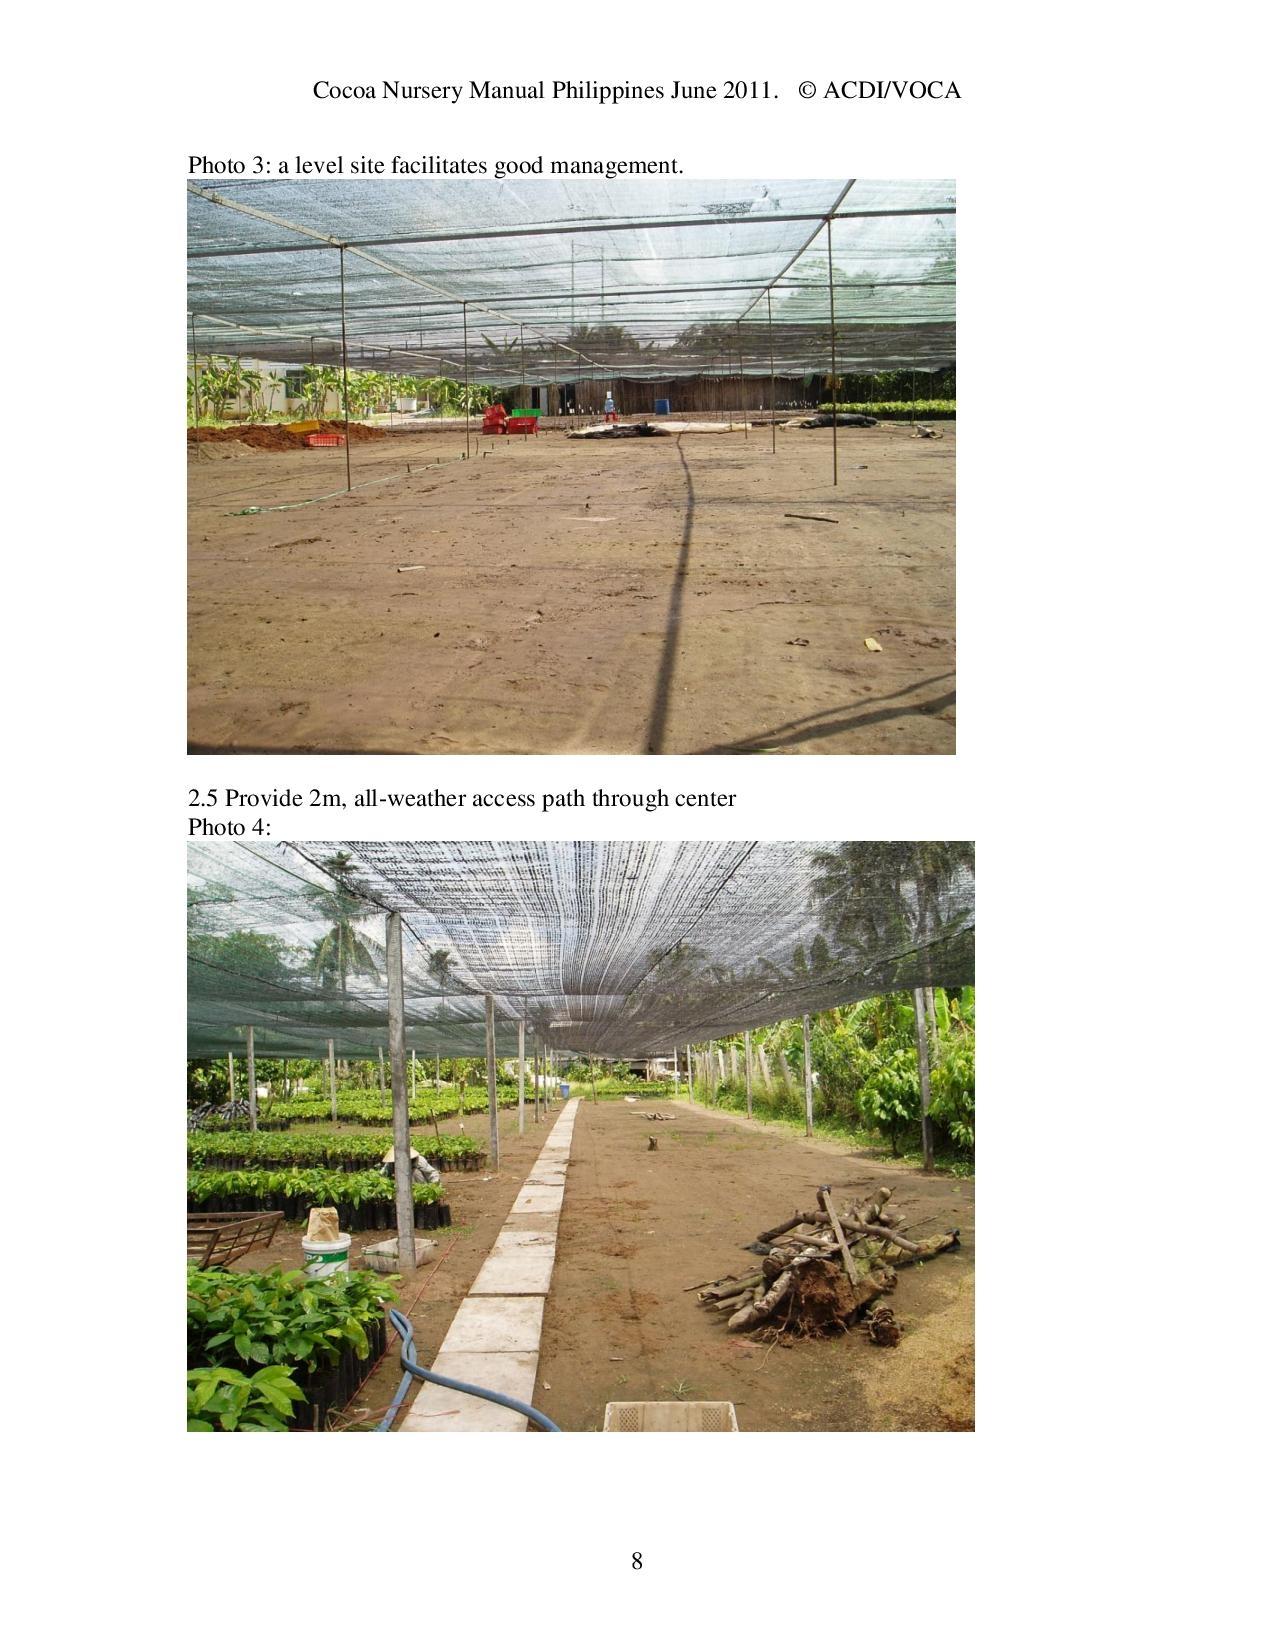 Cocoa-Nursery-Manual-2011_acdi-voca-page-008